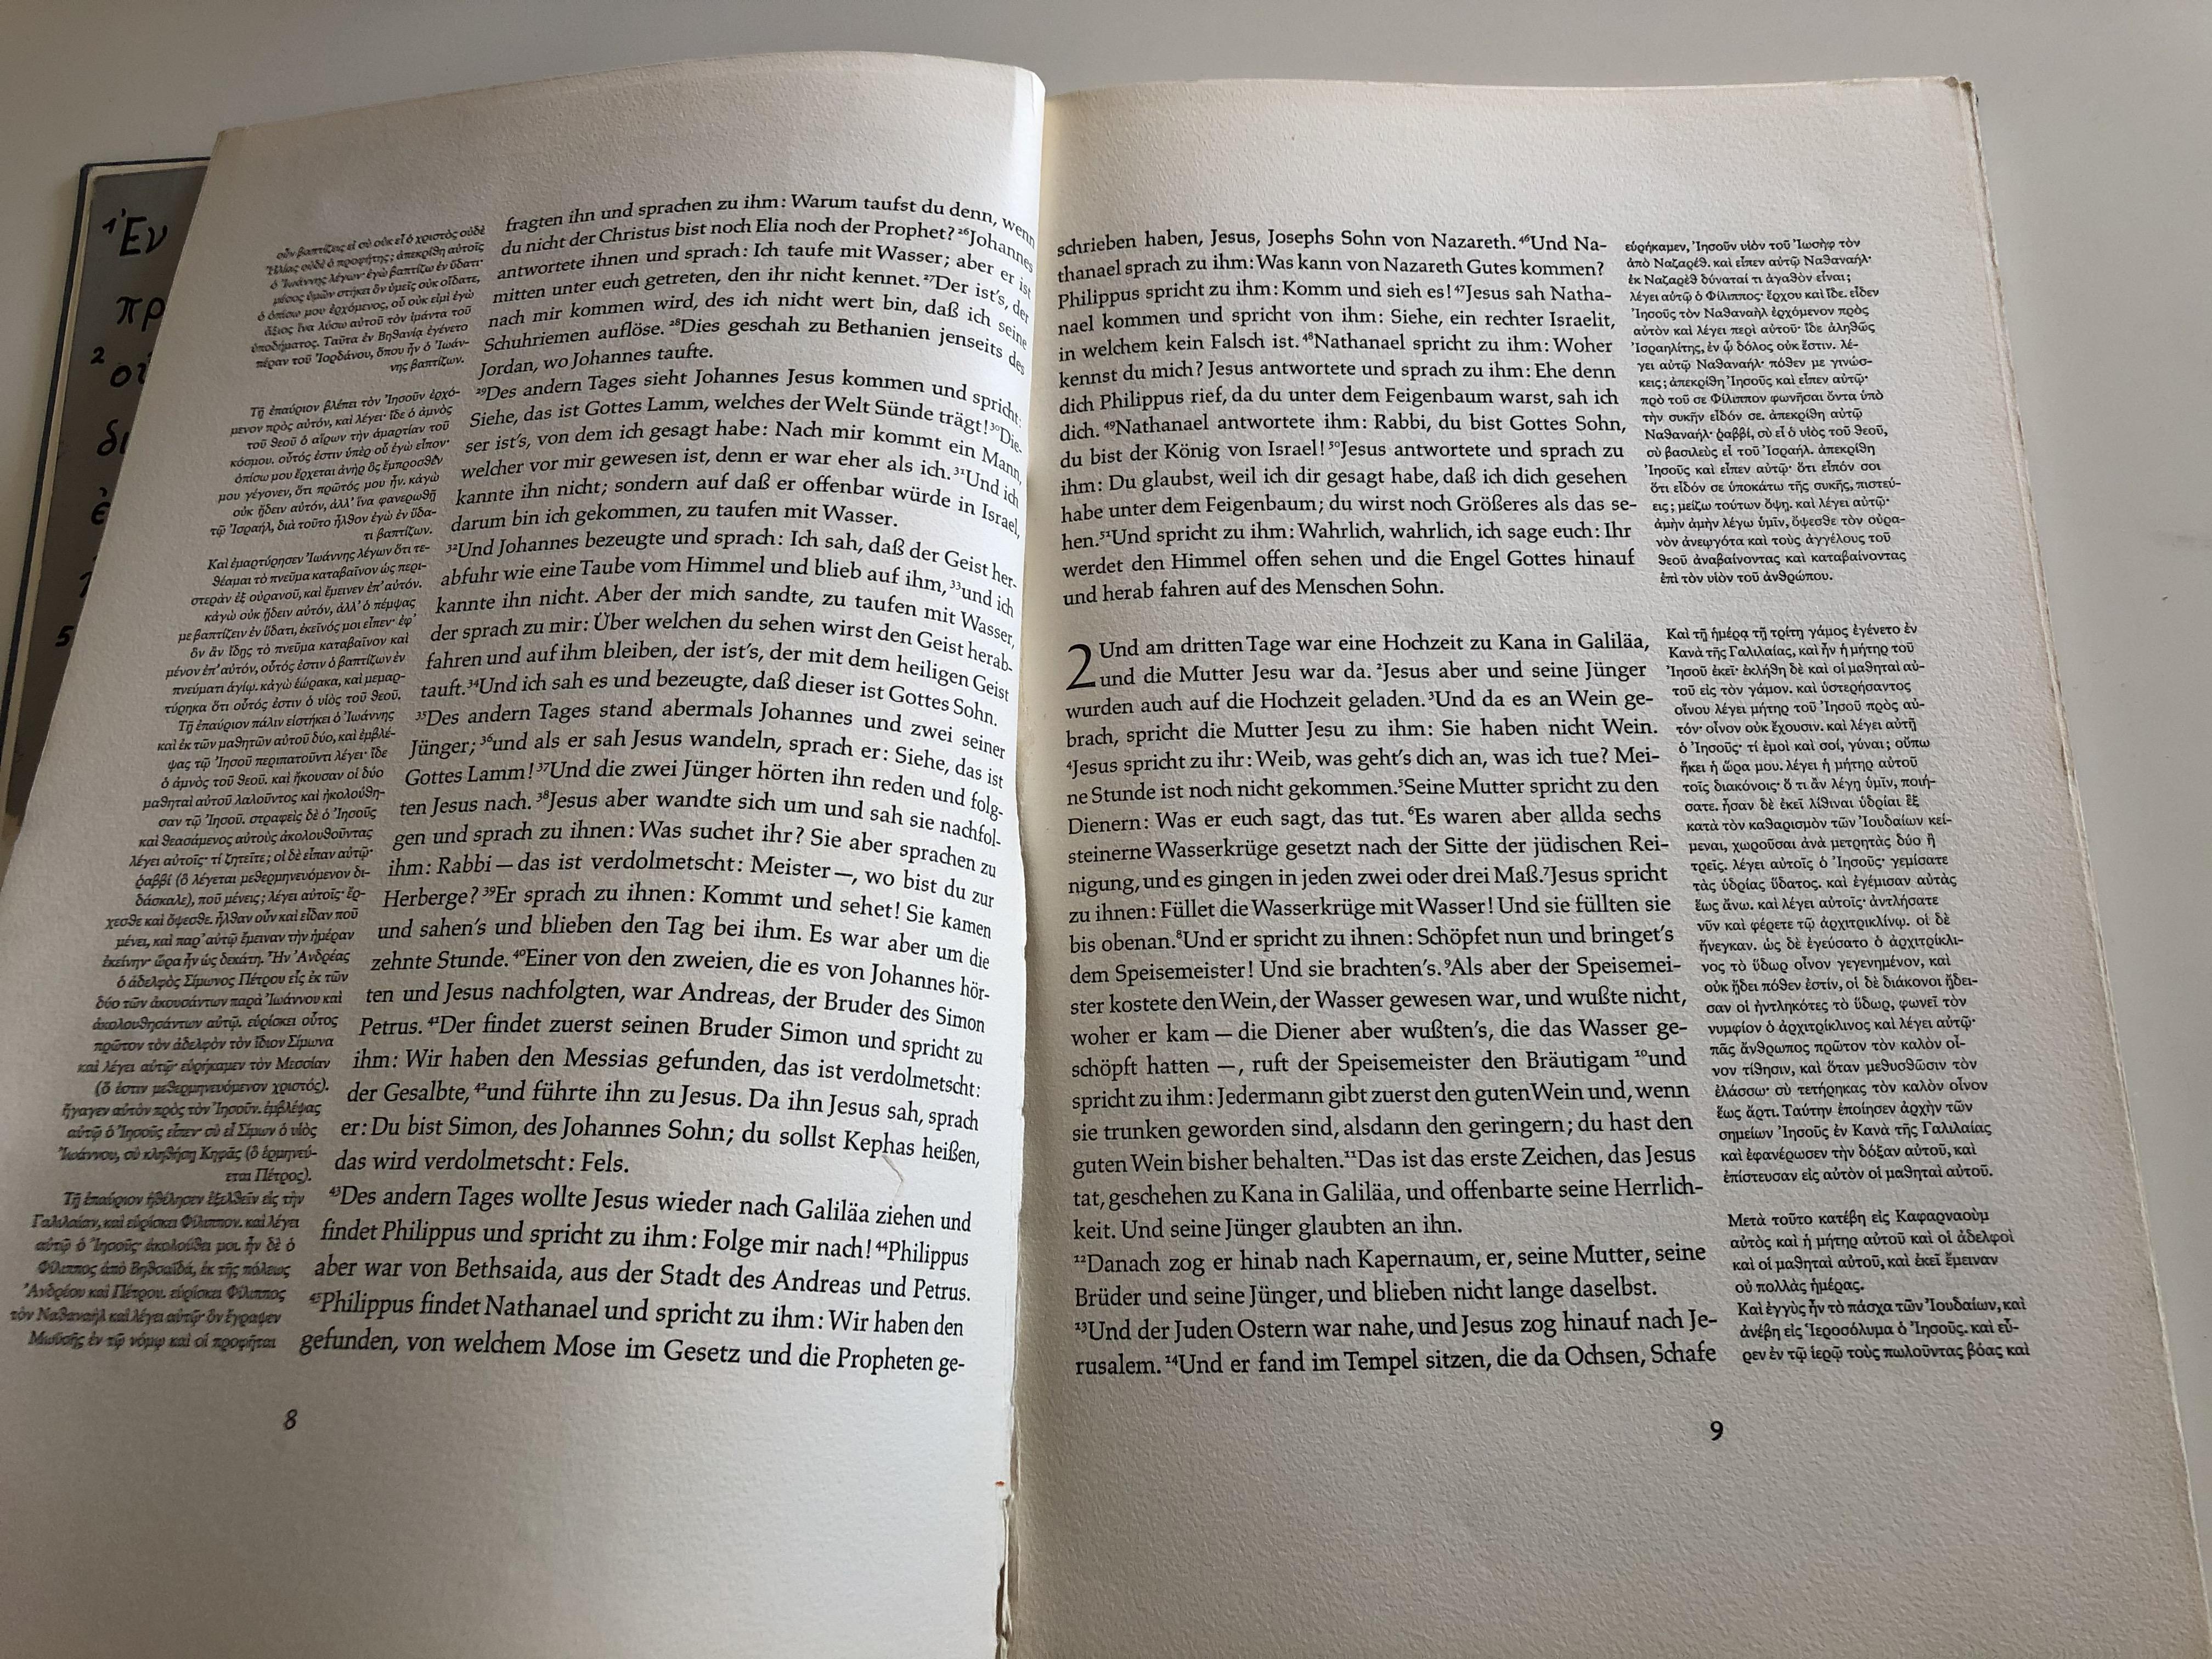 das-evangelium-nach-johannes-german-language-gospel-according-to-john-5.jpg